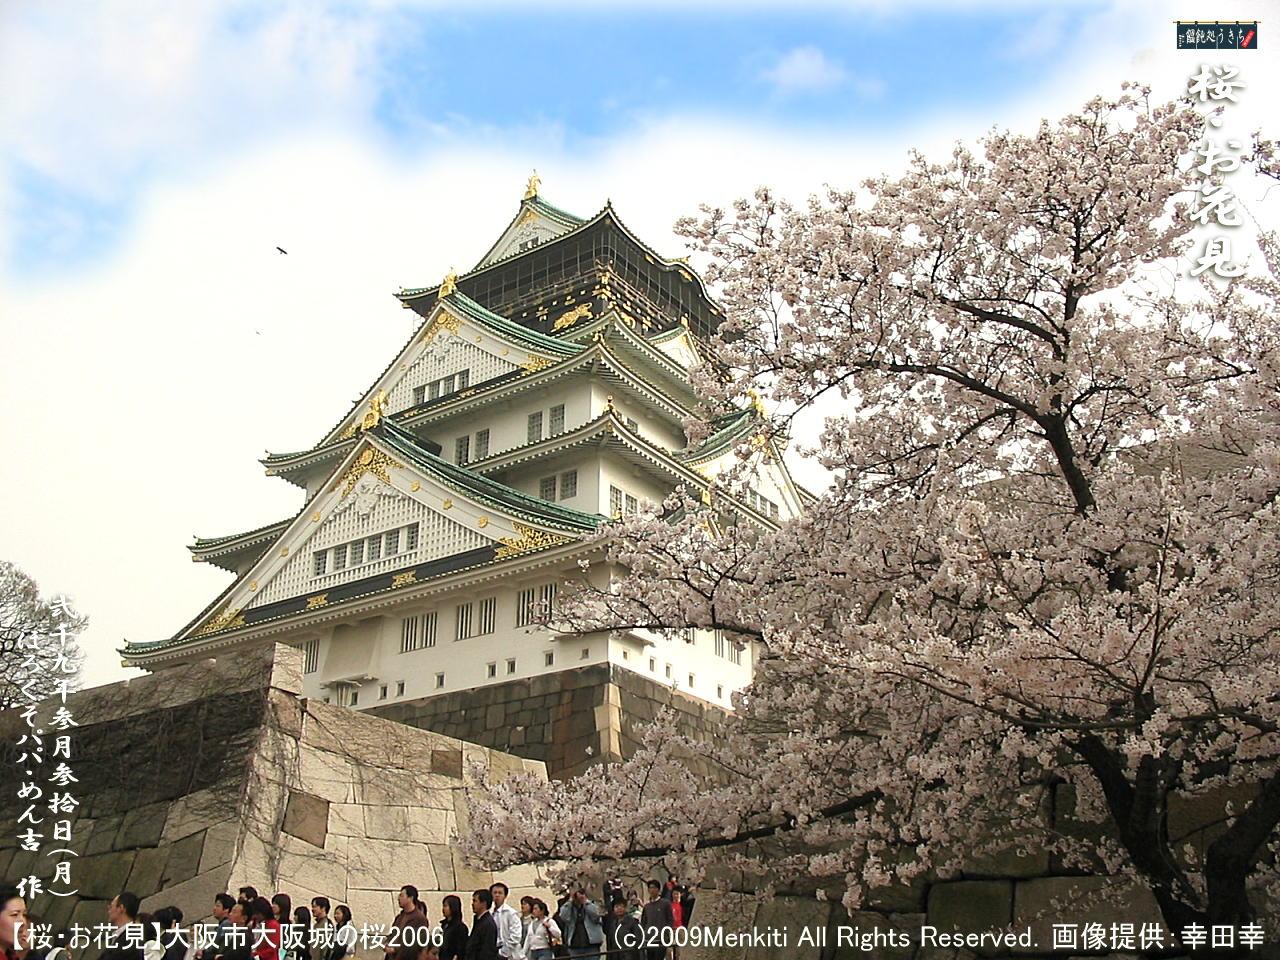 3/30(月)【桜・お花見(1)】お弁当2つ持って大阪城の桜から始まって和歌山迄のお花見の梯子をして廻ろう!@キャツピ&めん吉の【ぼろくそパパの独り言】     ▼クリックで1280x960pxlsに拡大します。